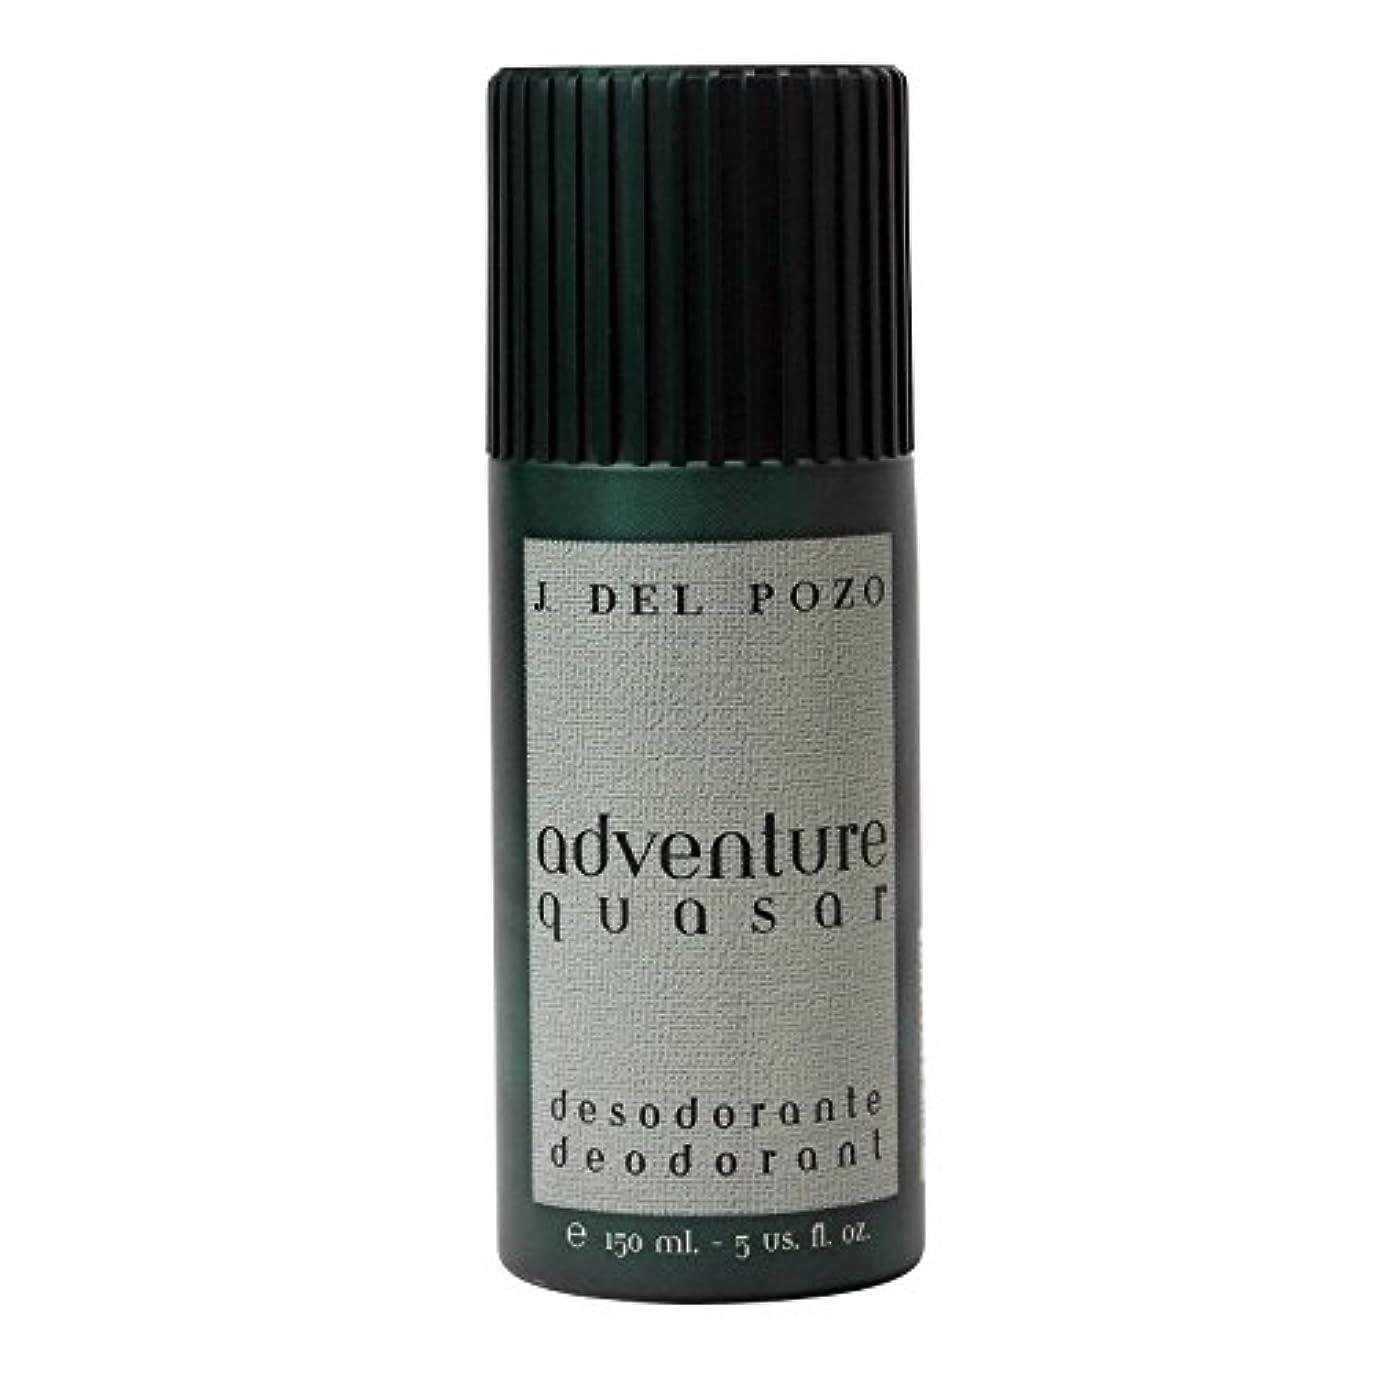 話電化する忙しいAdventure Quasar (アドベンチャー クエイサー) 5.0 oz (150ml) Deodorant Spray by J. Del Pozo for Men